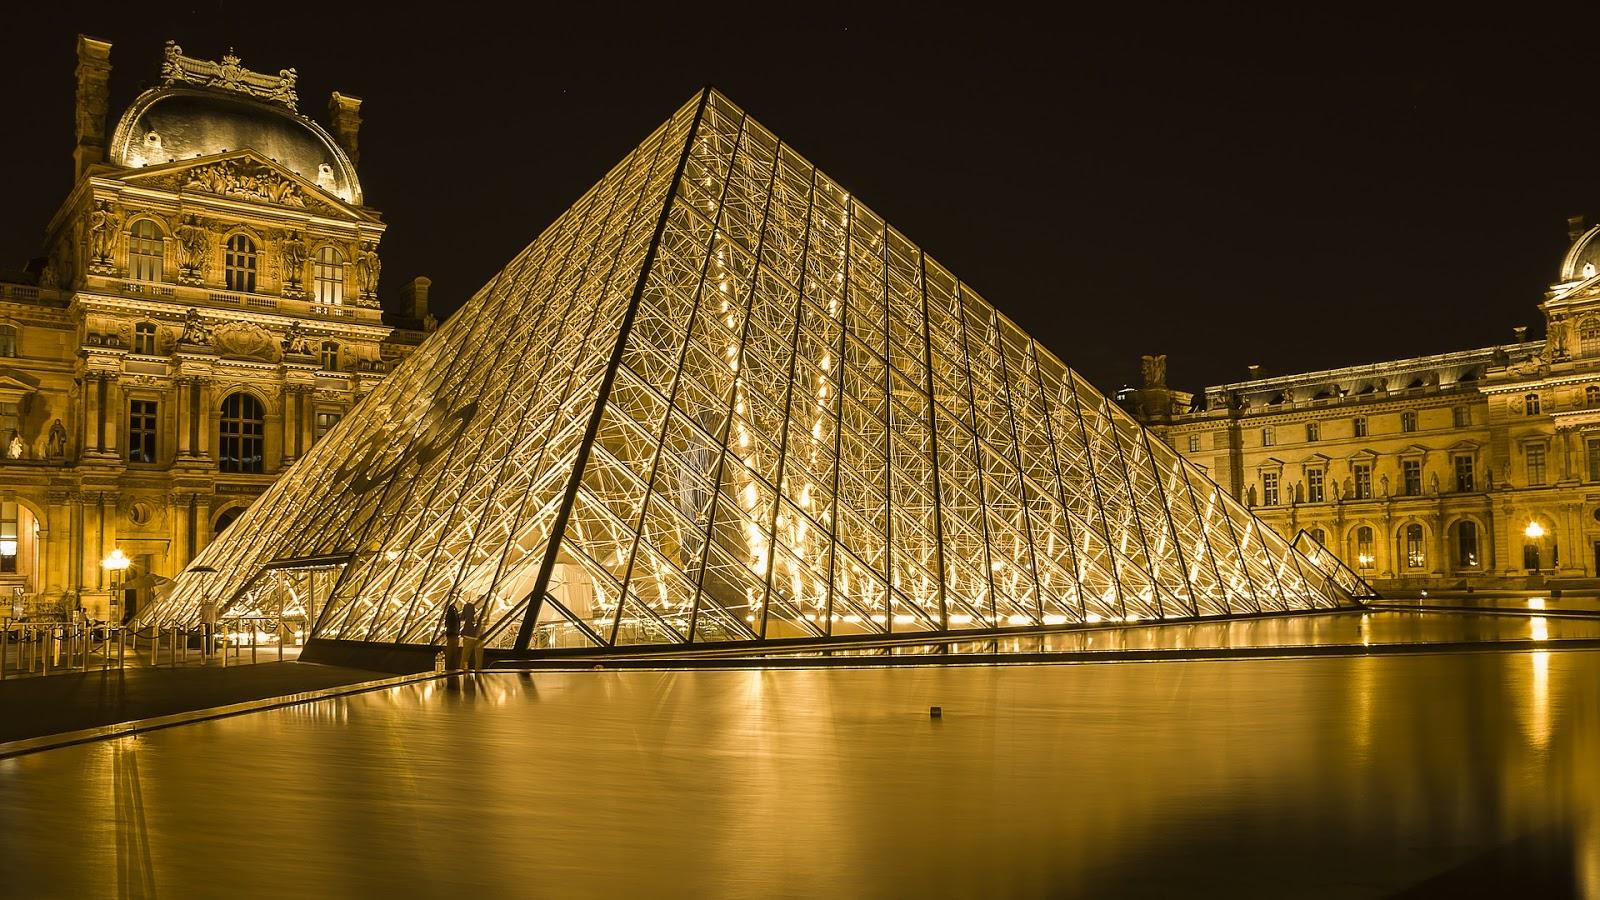 Wisata ke Louvre Museum